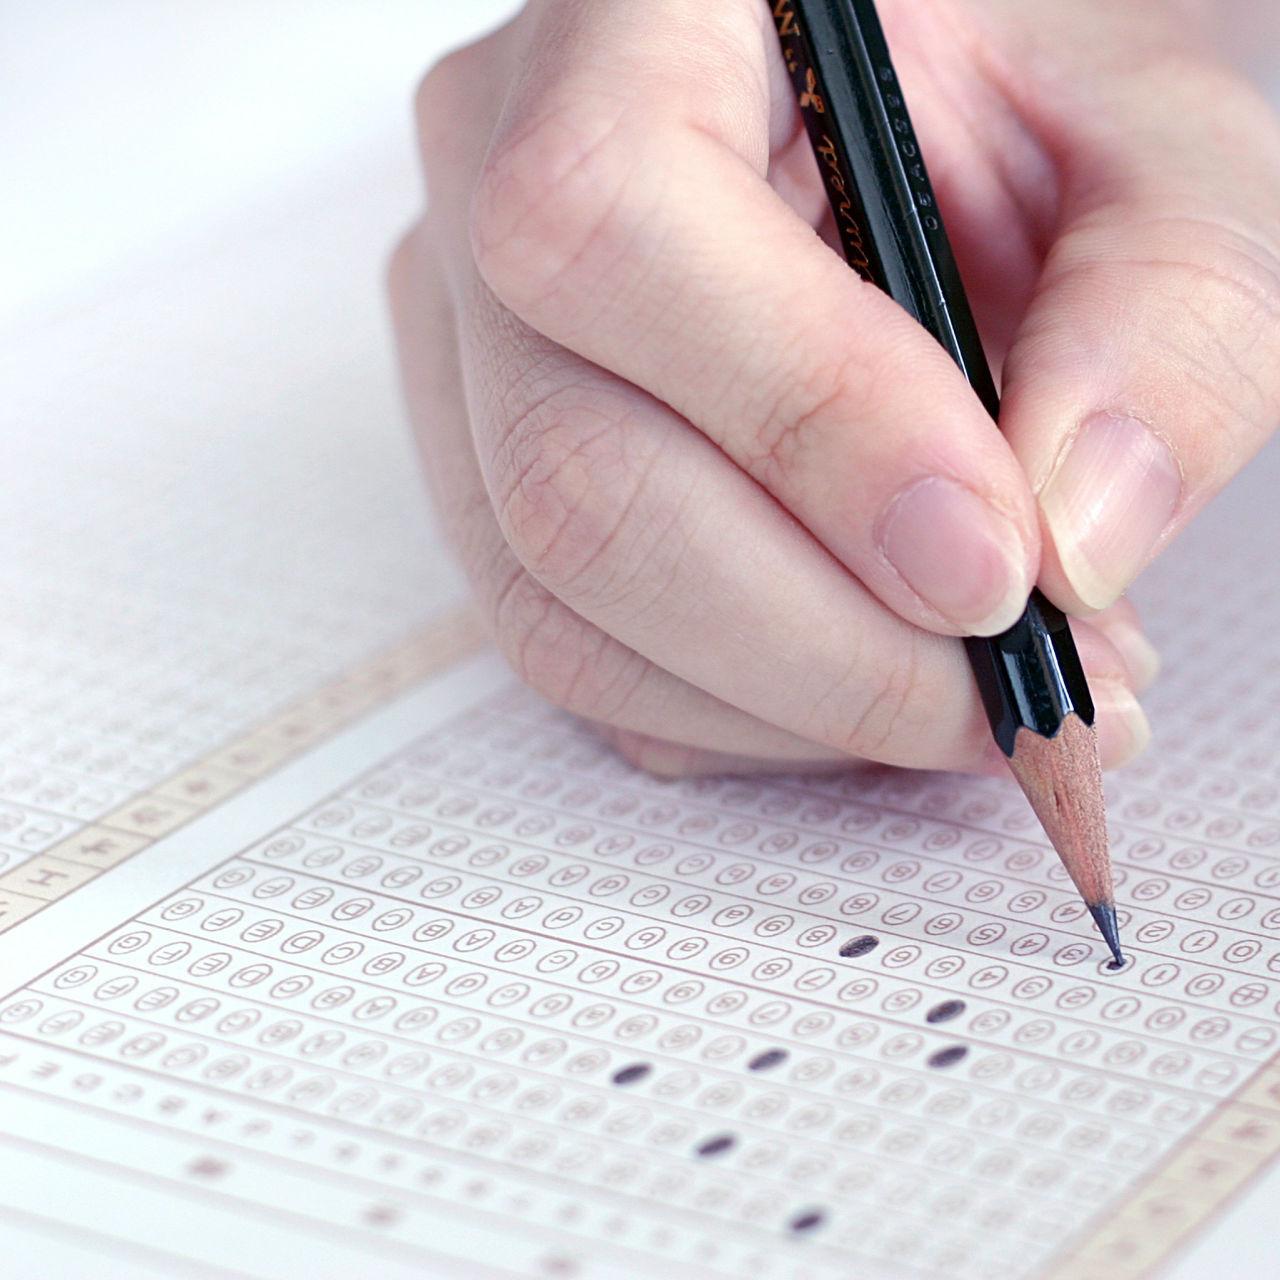 センター試験は本当に廃止すべきなのか?